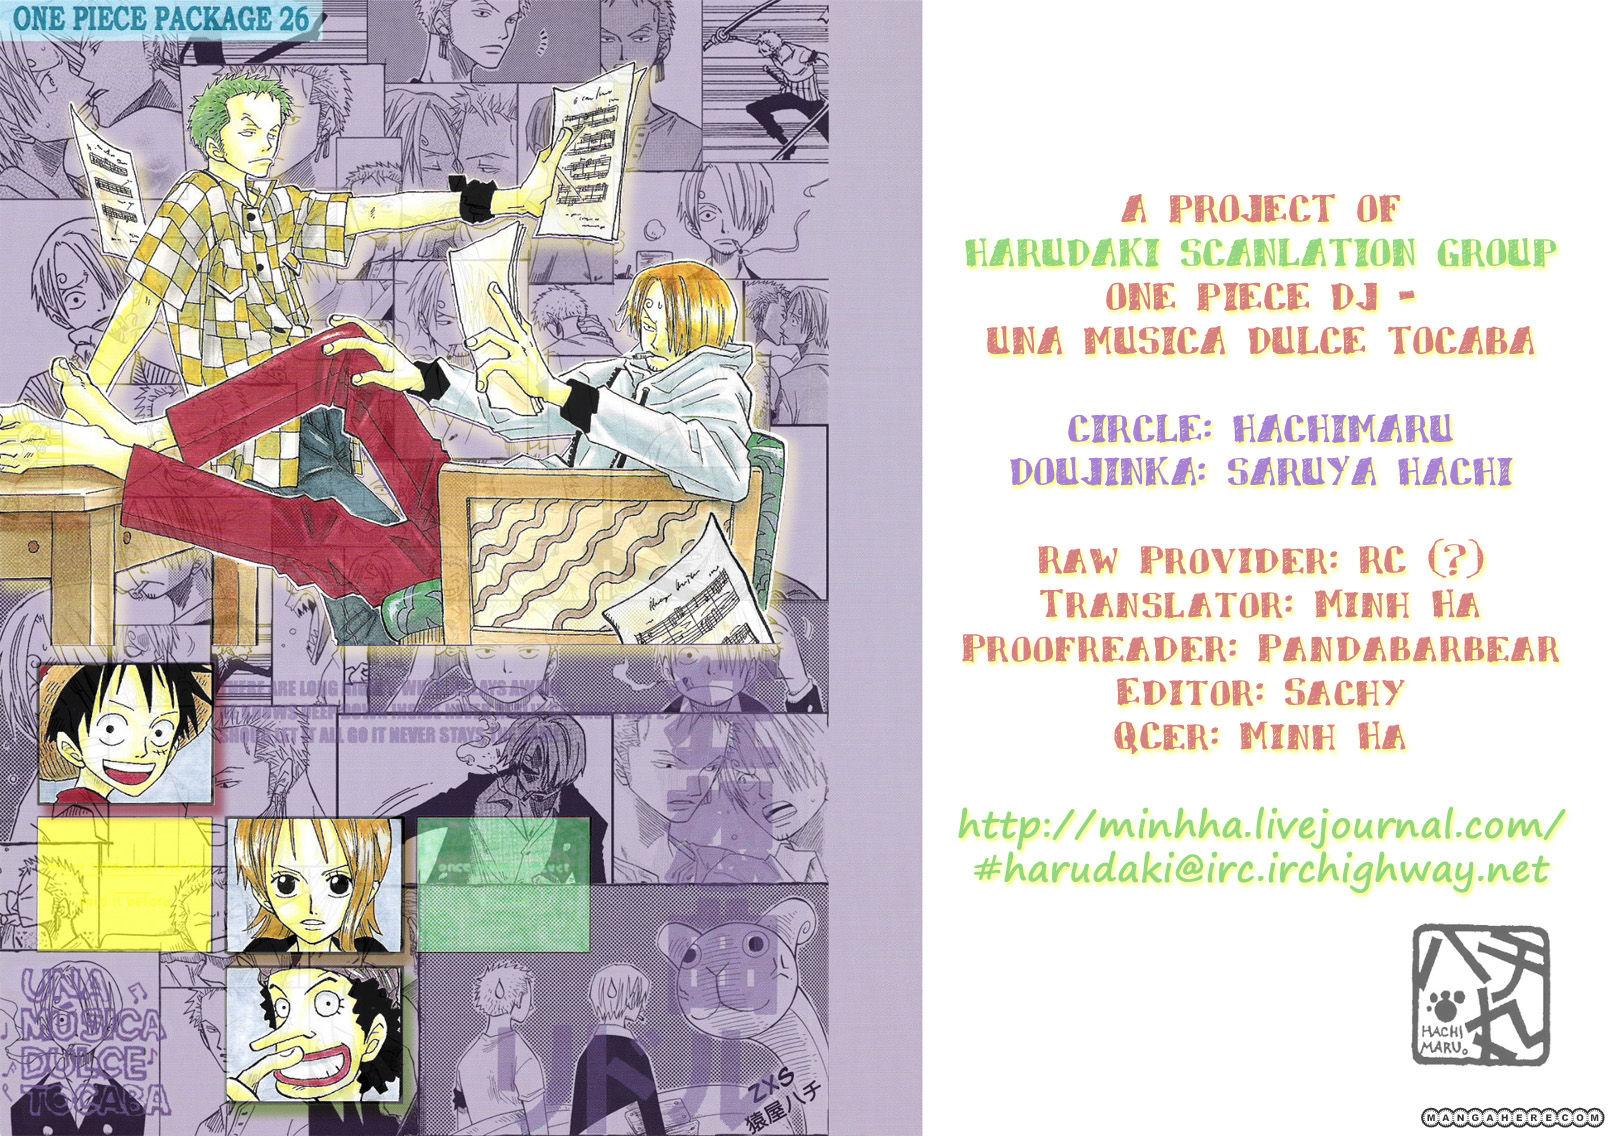 One Piece dj - Una Música Dolce Tocaba 1 Page 1